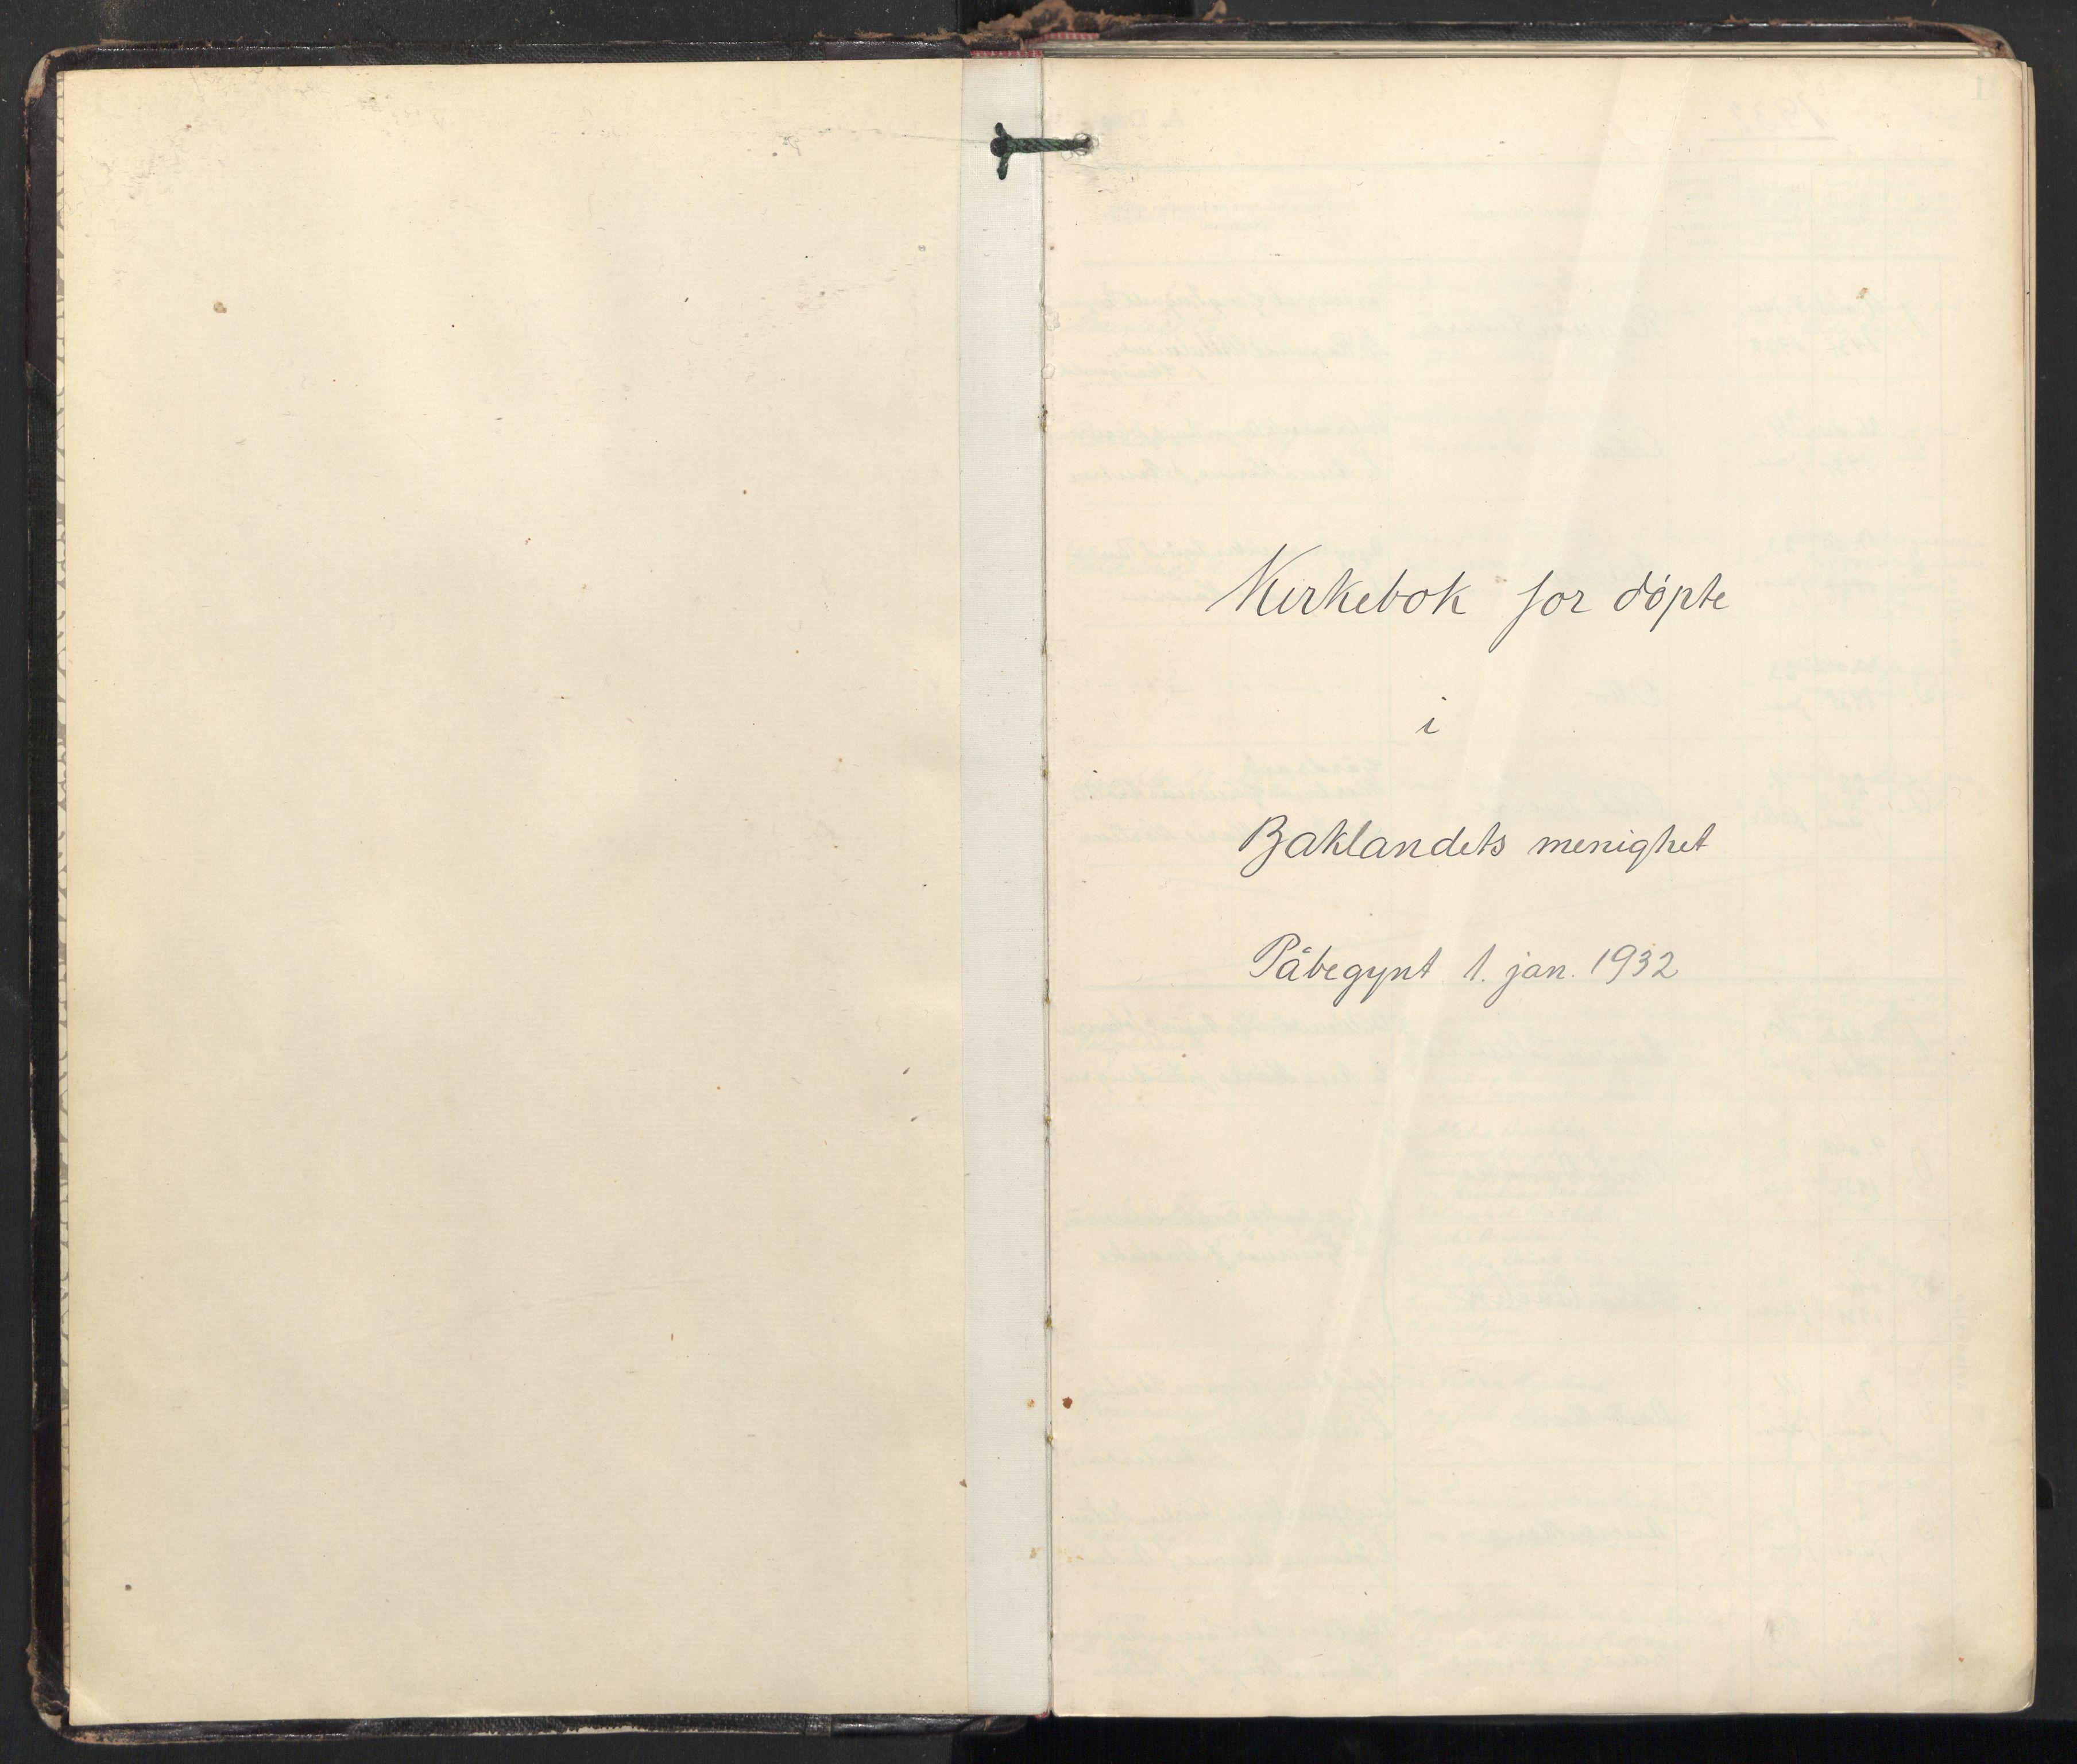 SAT, Ministerialprotokoller, klokkerbøker og fødselsregistre - Sør-Trøndelag, 604/L0210: Ministerialbok nr. 604A30, 1932-1946